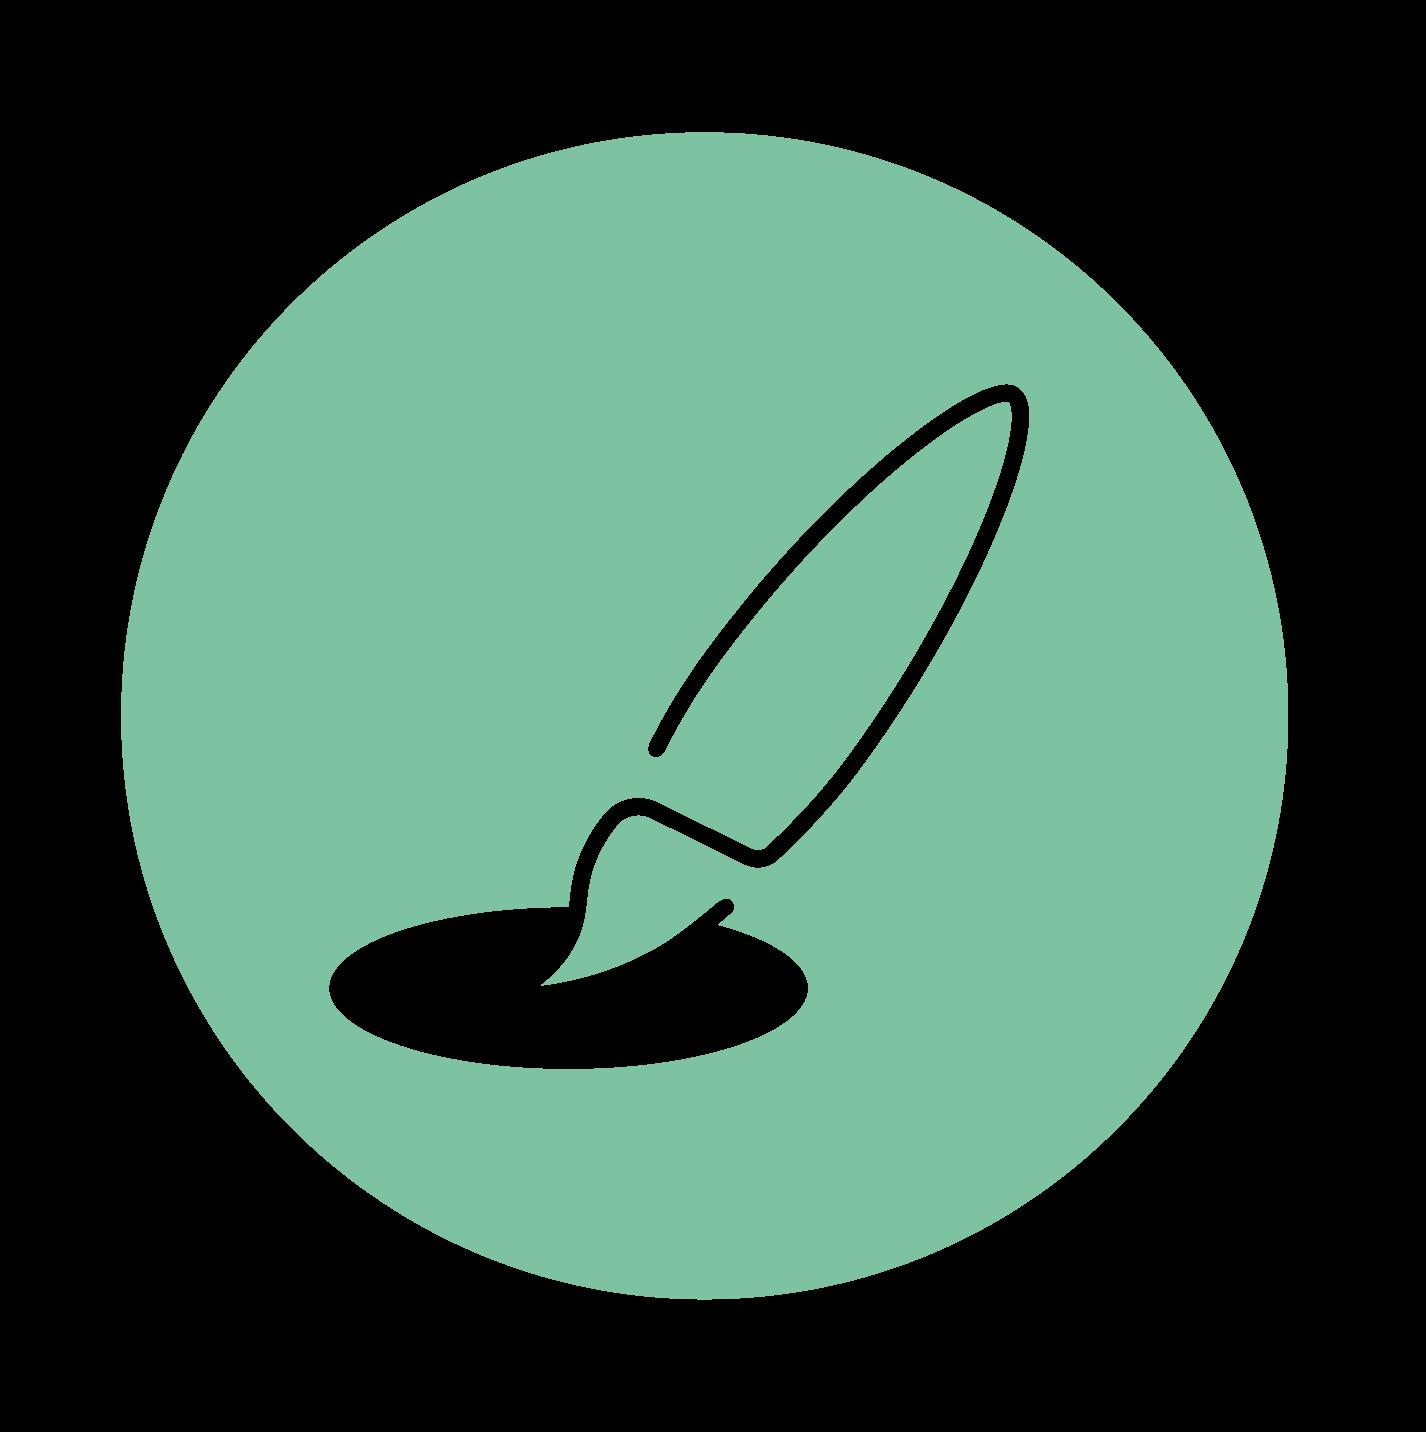 Mintgroene picto: 'creëer'/creatieve werkvormen Tinspireert (Creatieve coaching en workshops om jezelf te ont-moeten in Evergem - Gent)